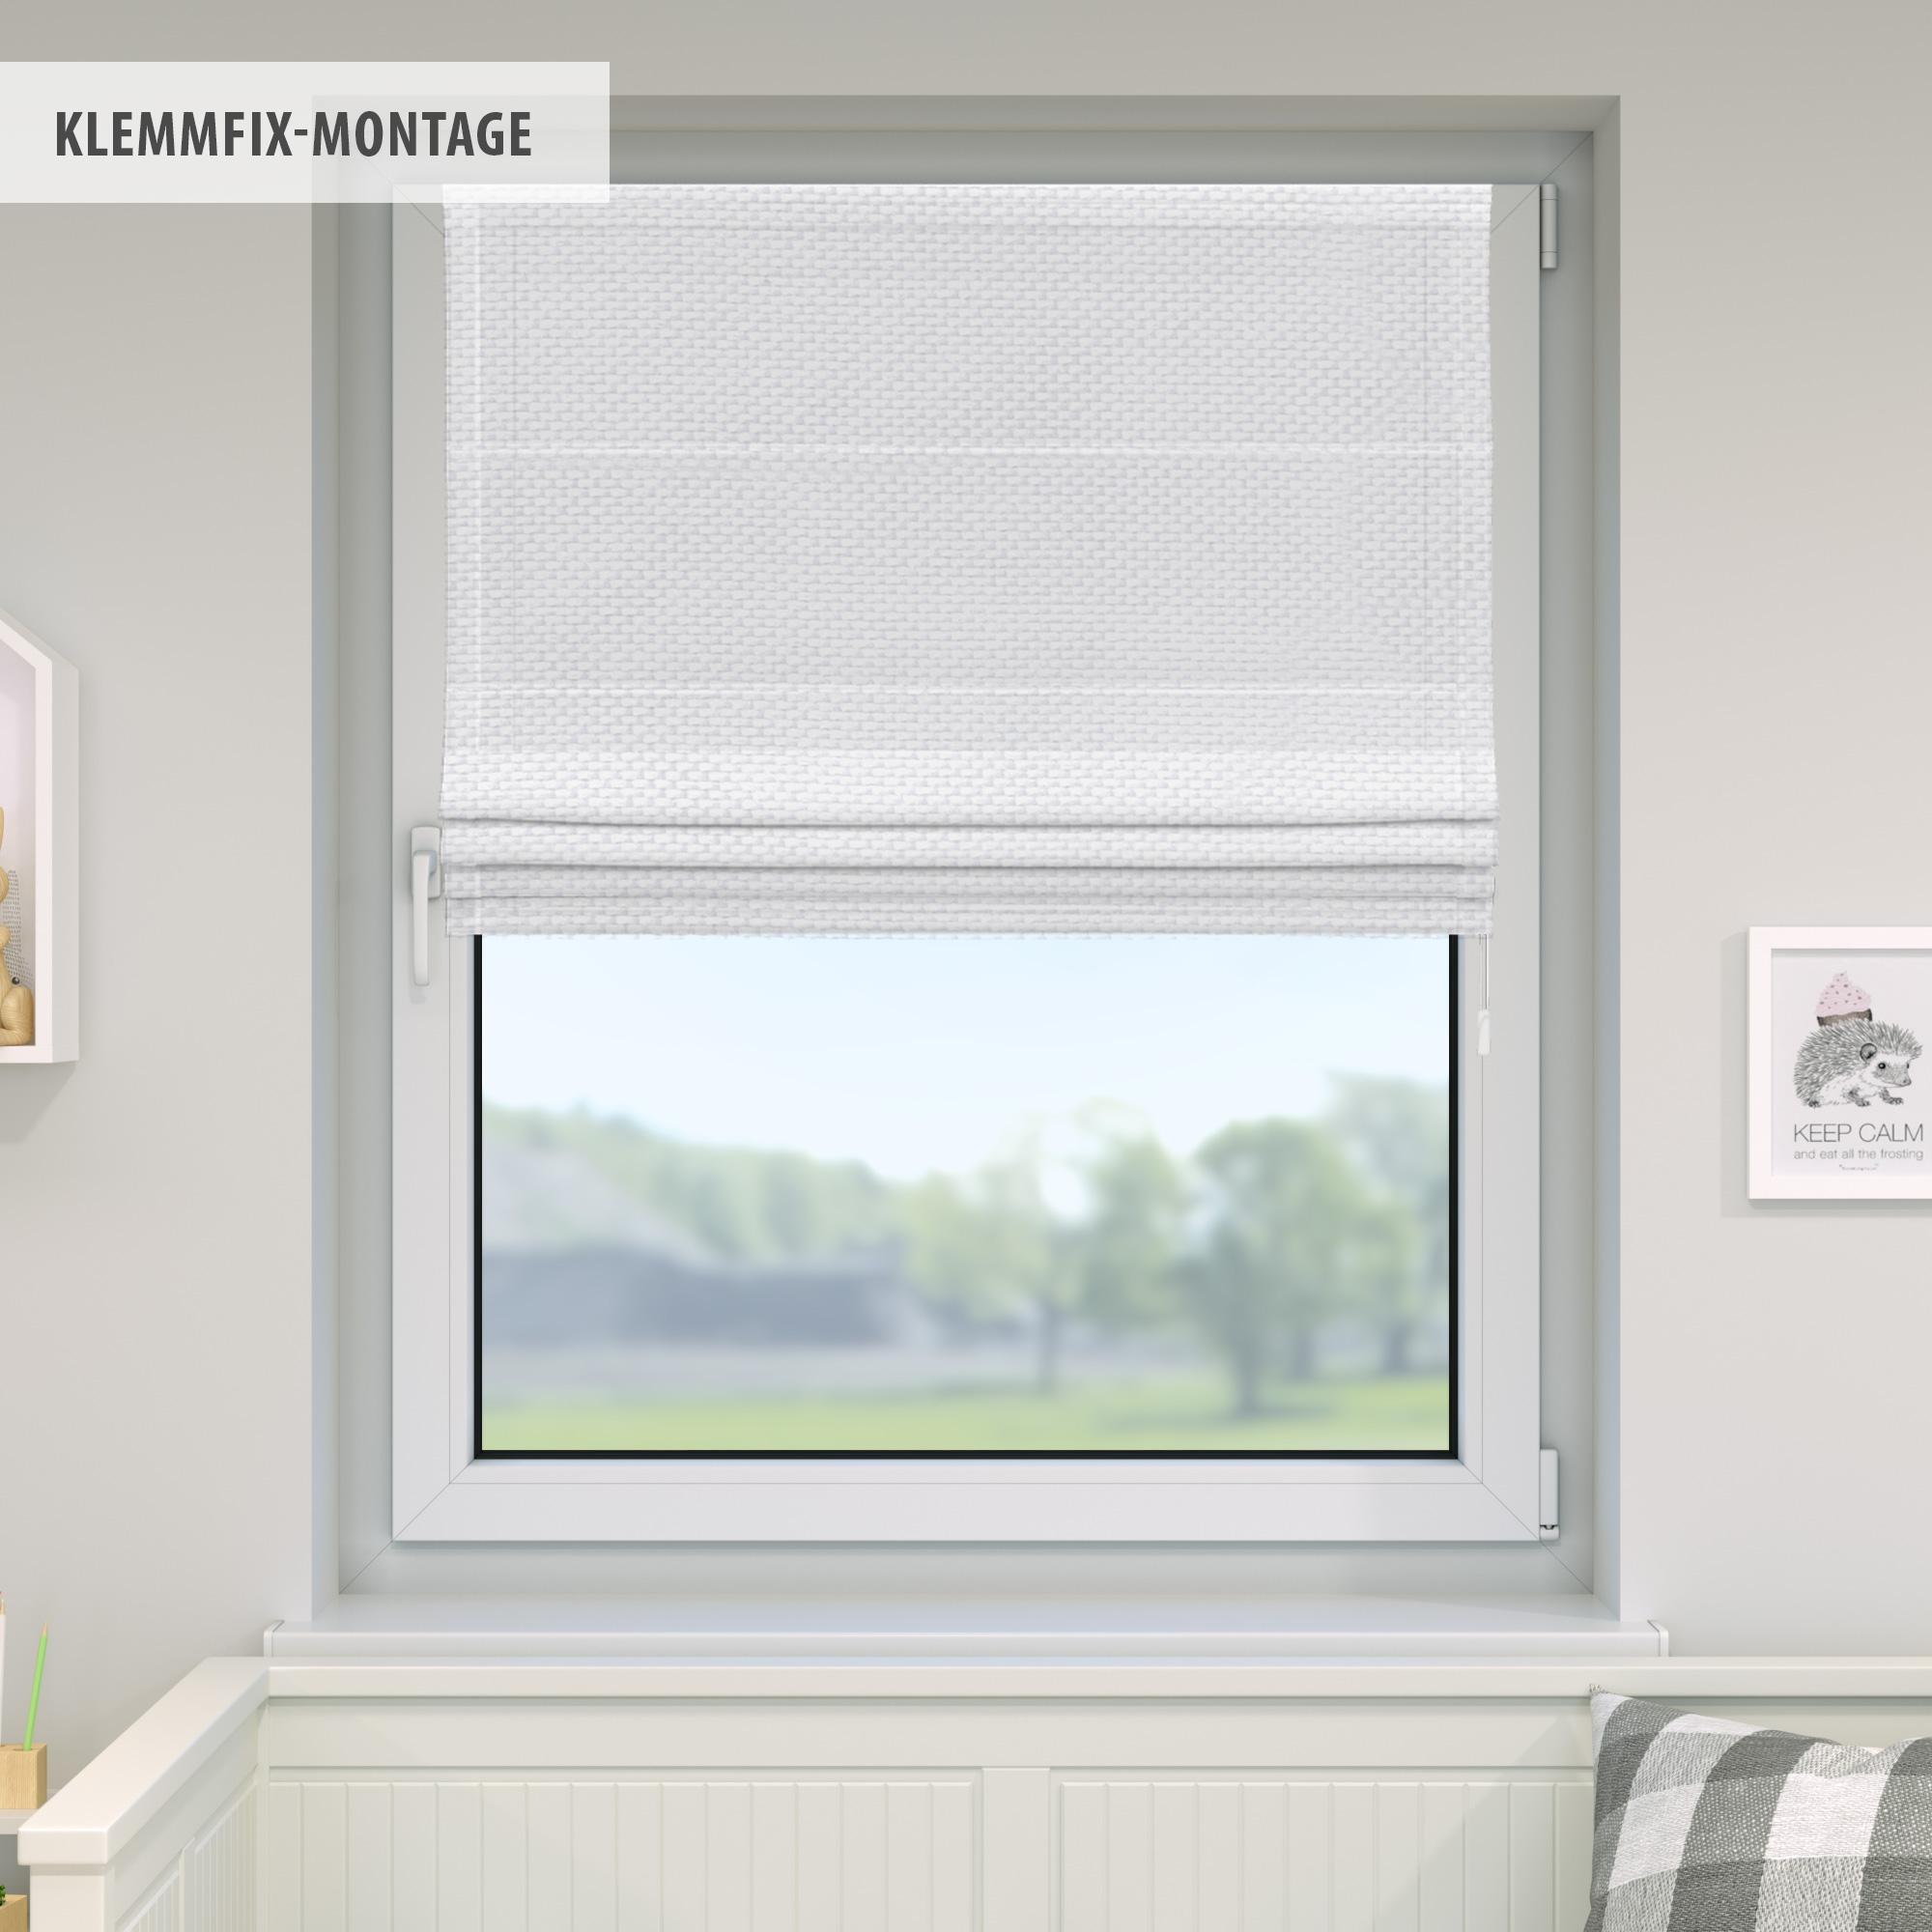 Raffrollo-Faltrollo-Klemmfix-ohne-Bohren-Fenster-Raffgardine-Gardine-VICTORIA-M Indexbild 25